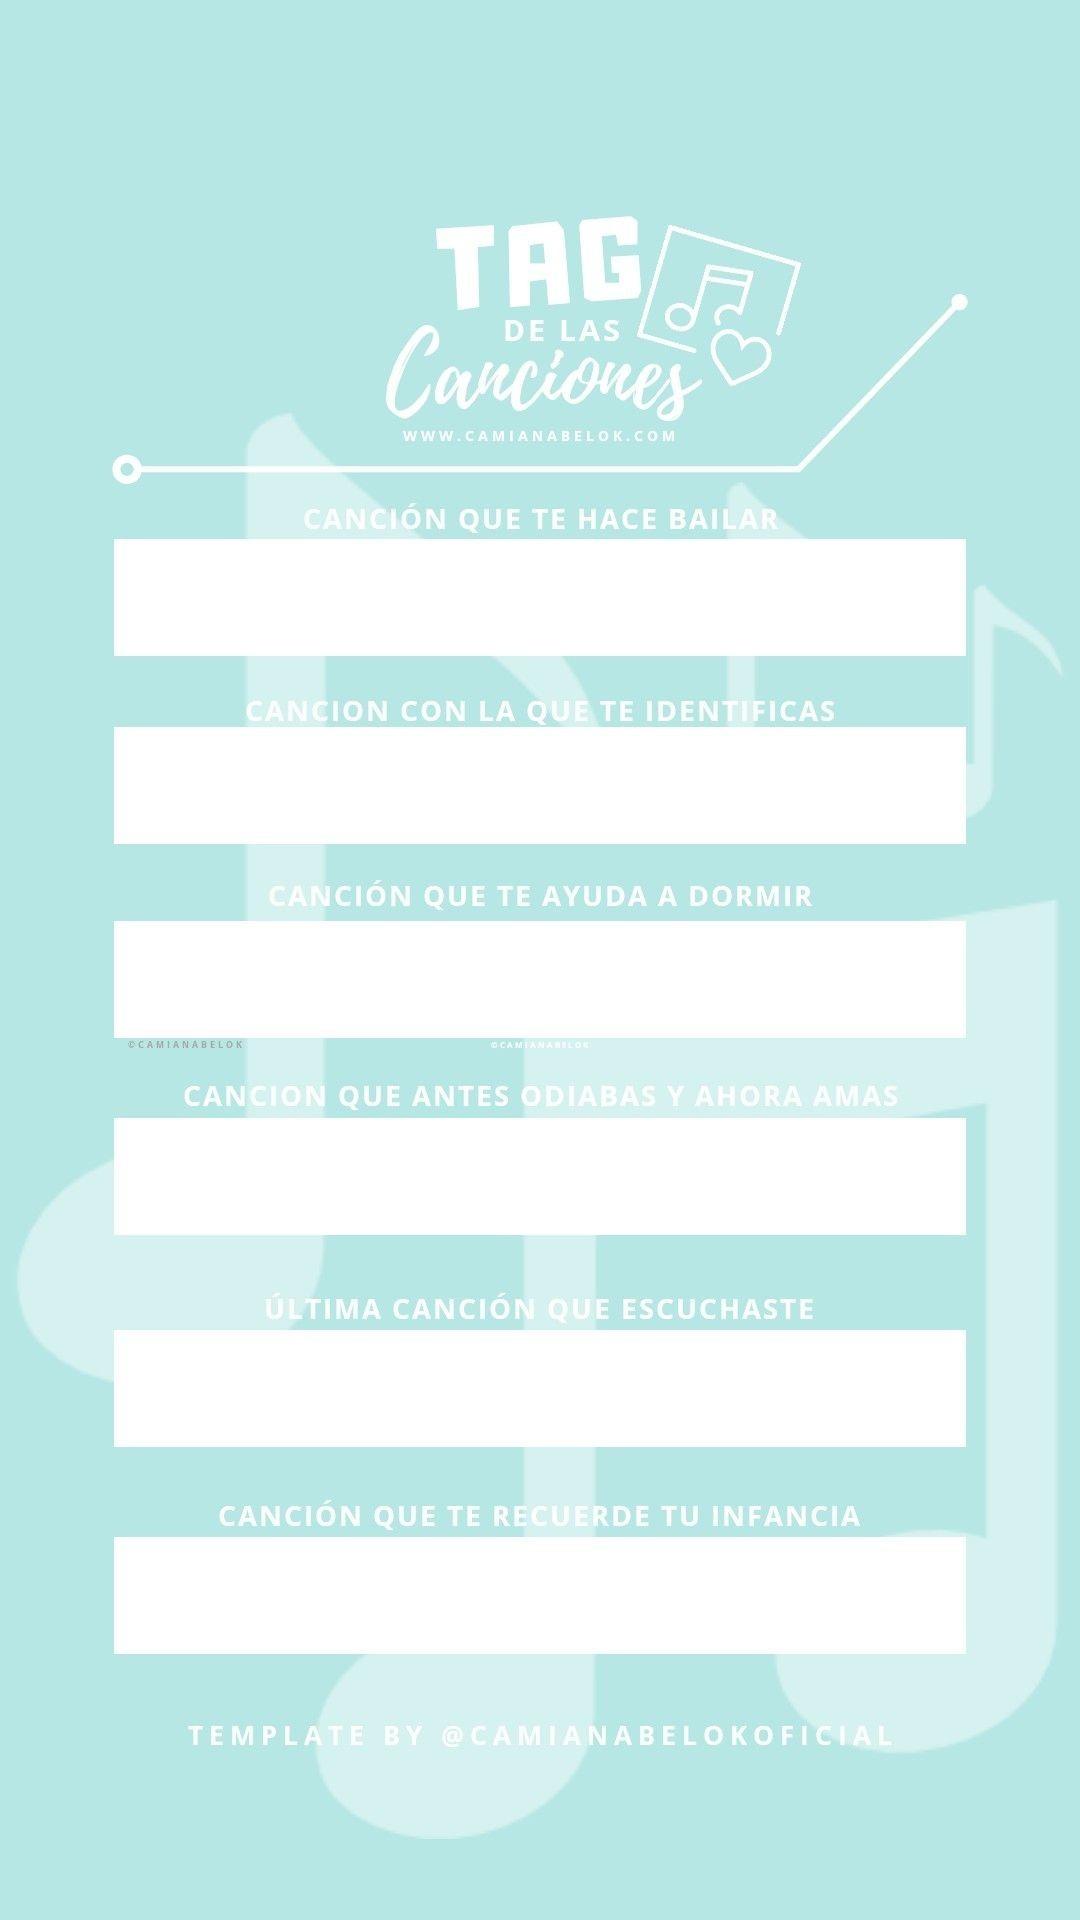 Calendario 2019 Para Imprimir Con Fotos Más Recientemente Liberado Noticias Calendario 2019 Mexico Icial Of Calendario 2019 Para Imprimir Con Fotos Más Populares De Lujo 51 Ejemplos Festivos 2019